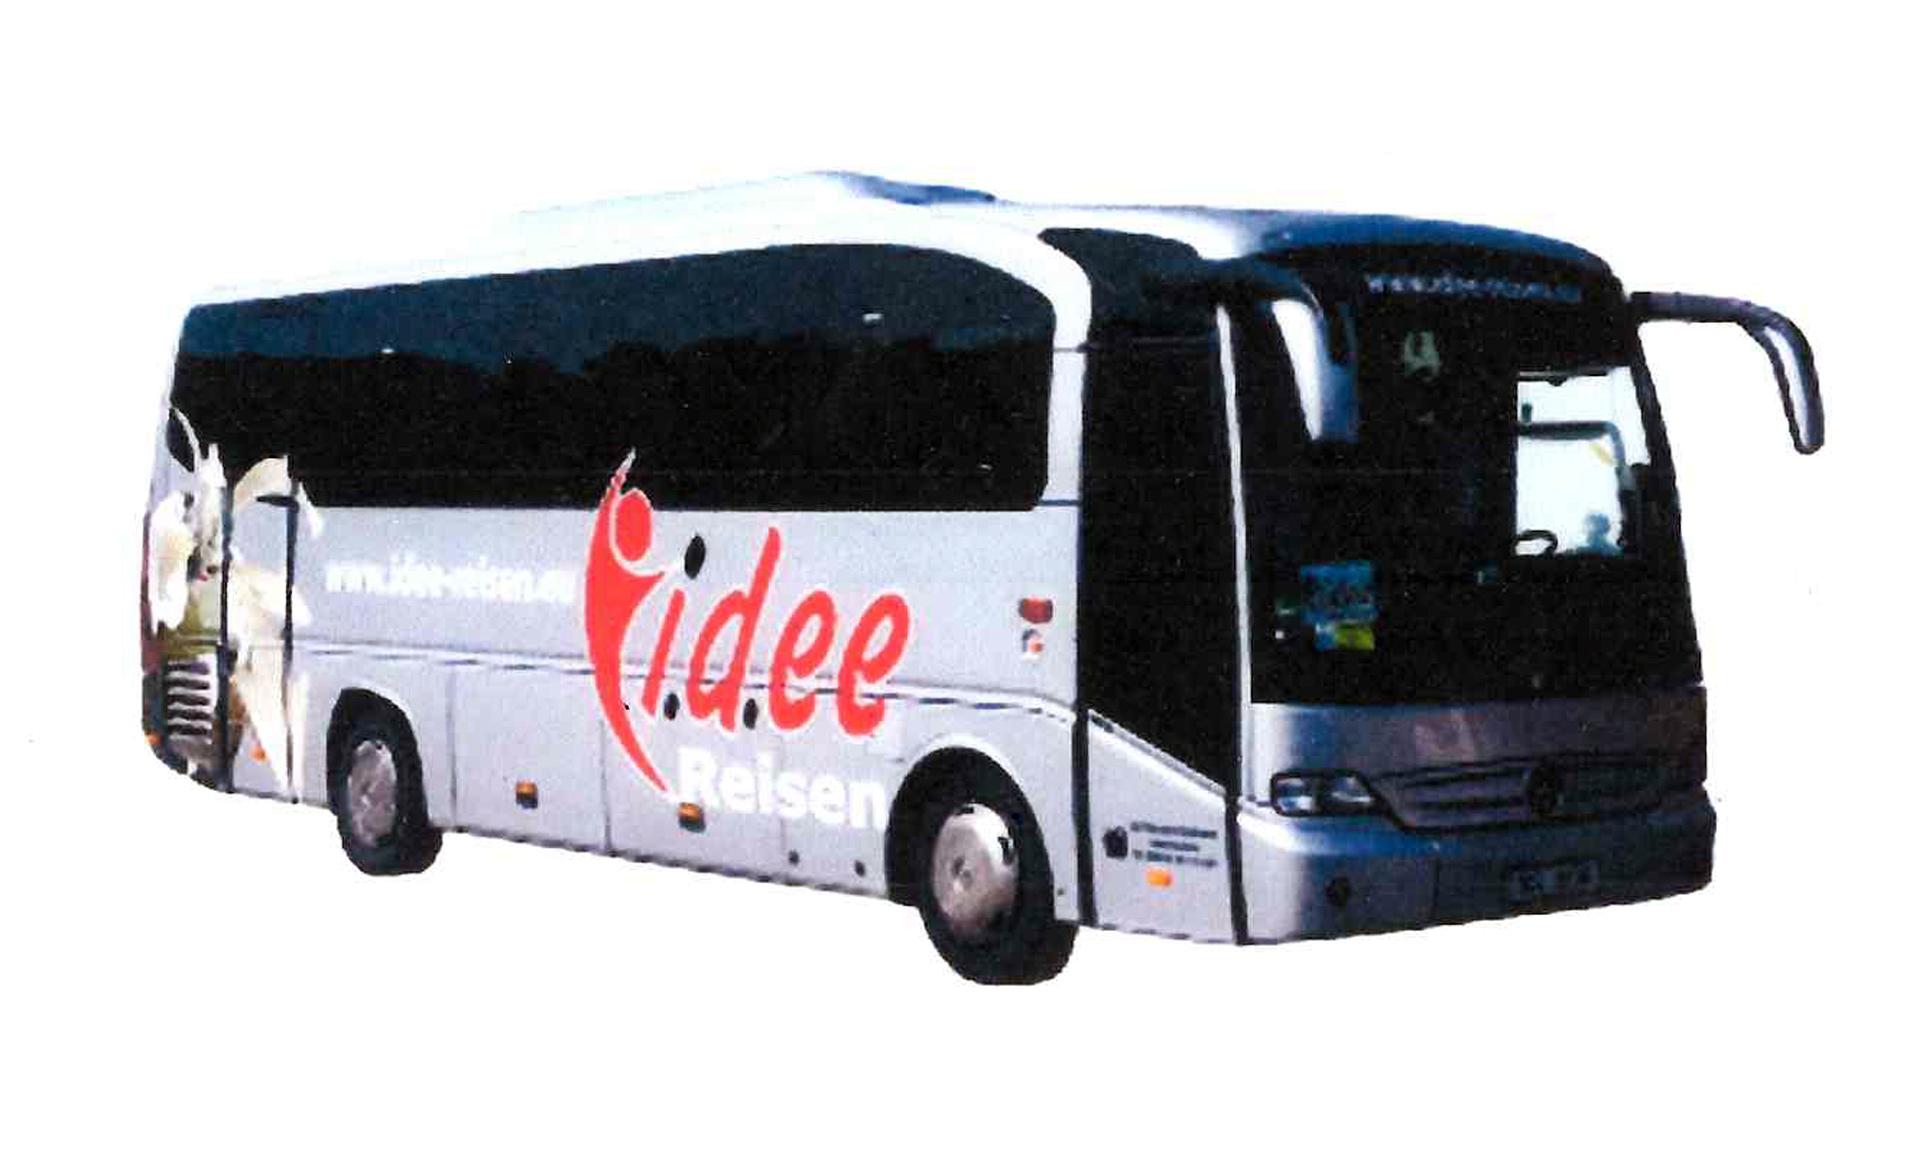 Bus idee reisen